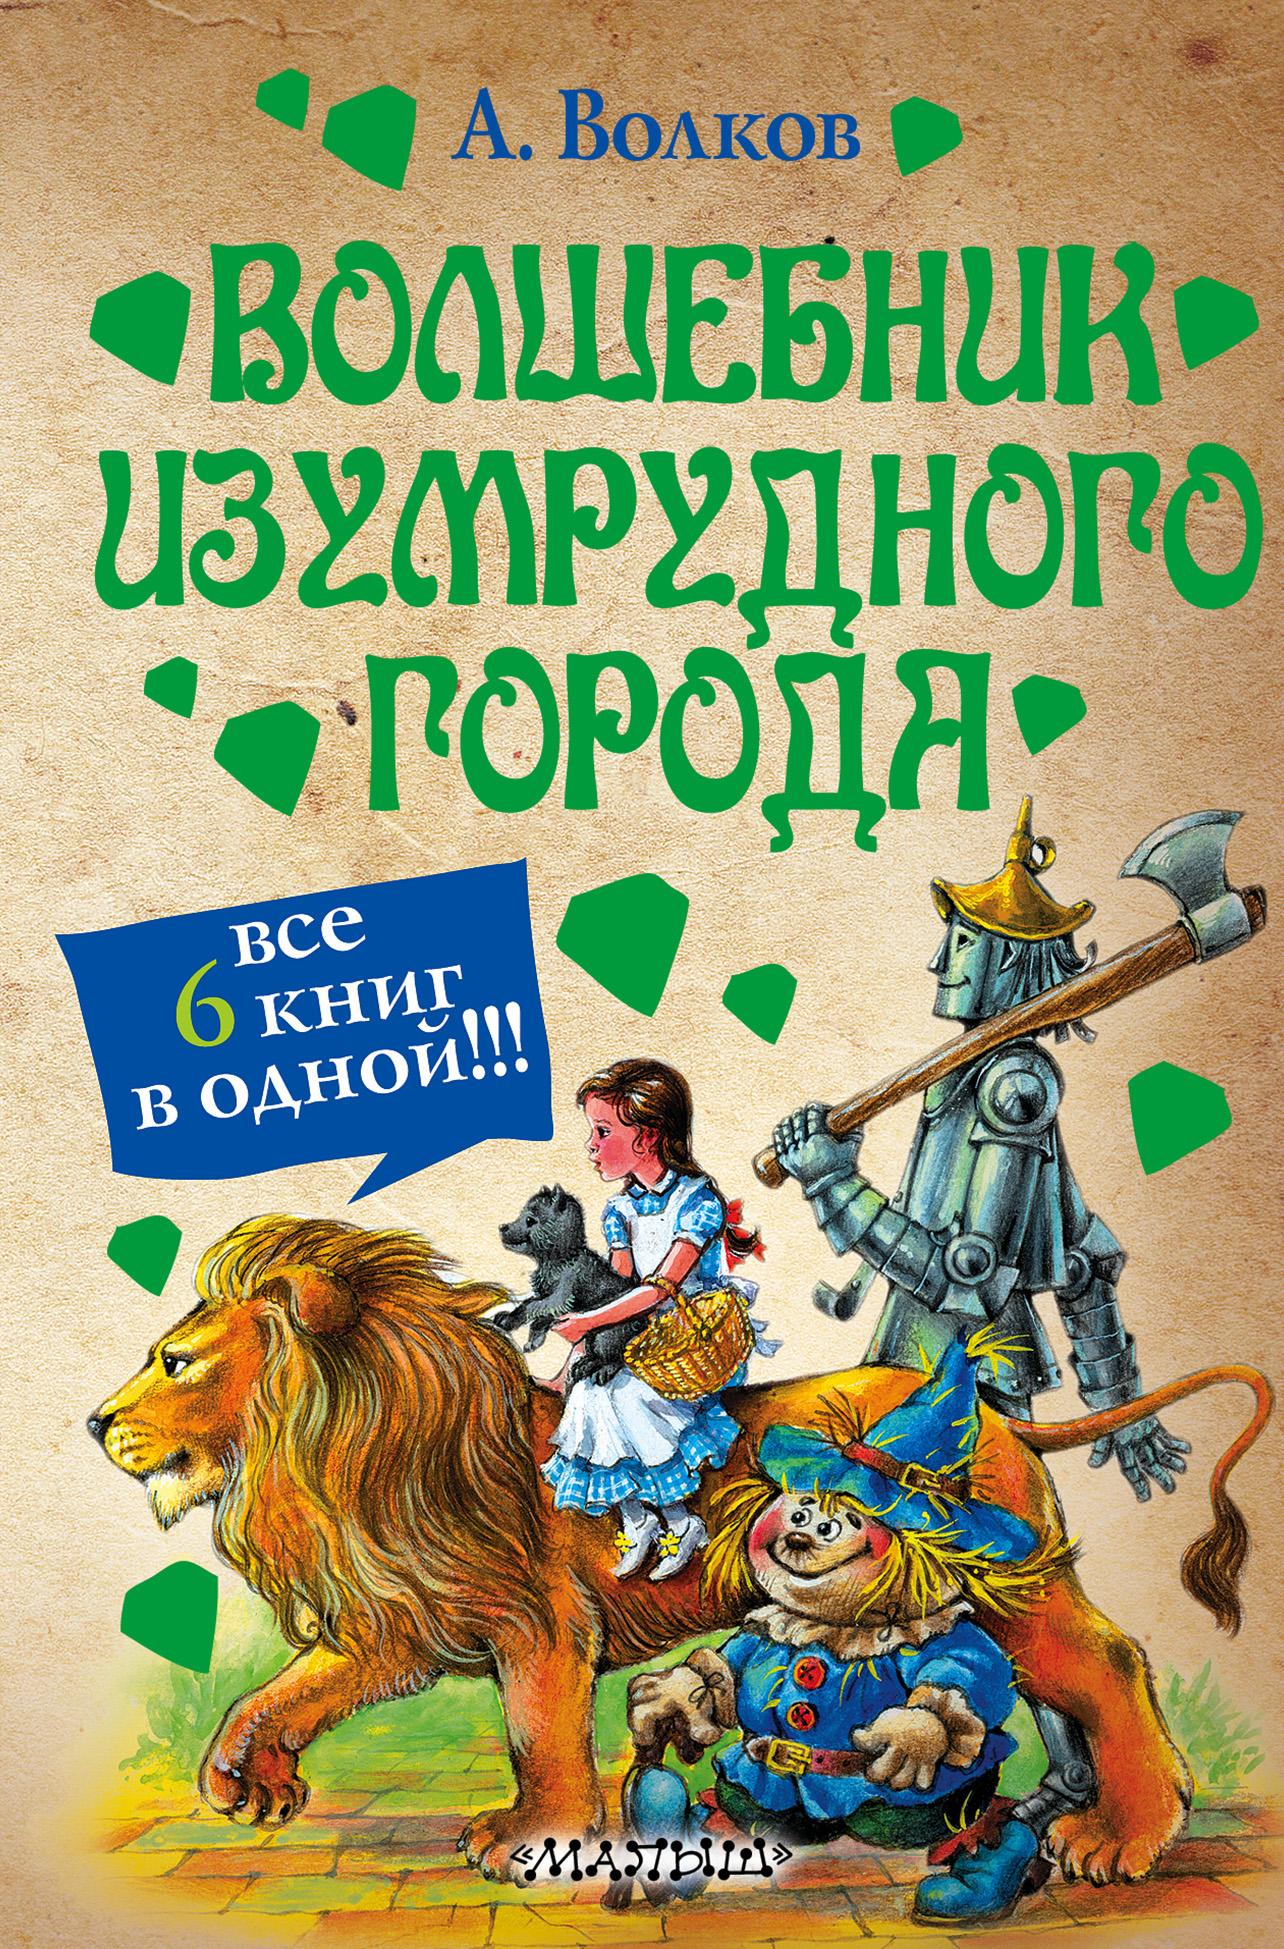 Александр Волков Волшебник Изумрудного города (сборник) тайна школьного подвала